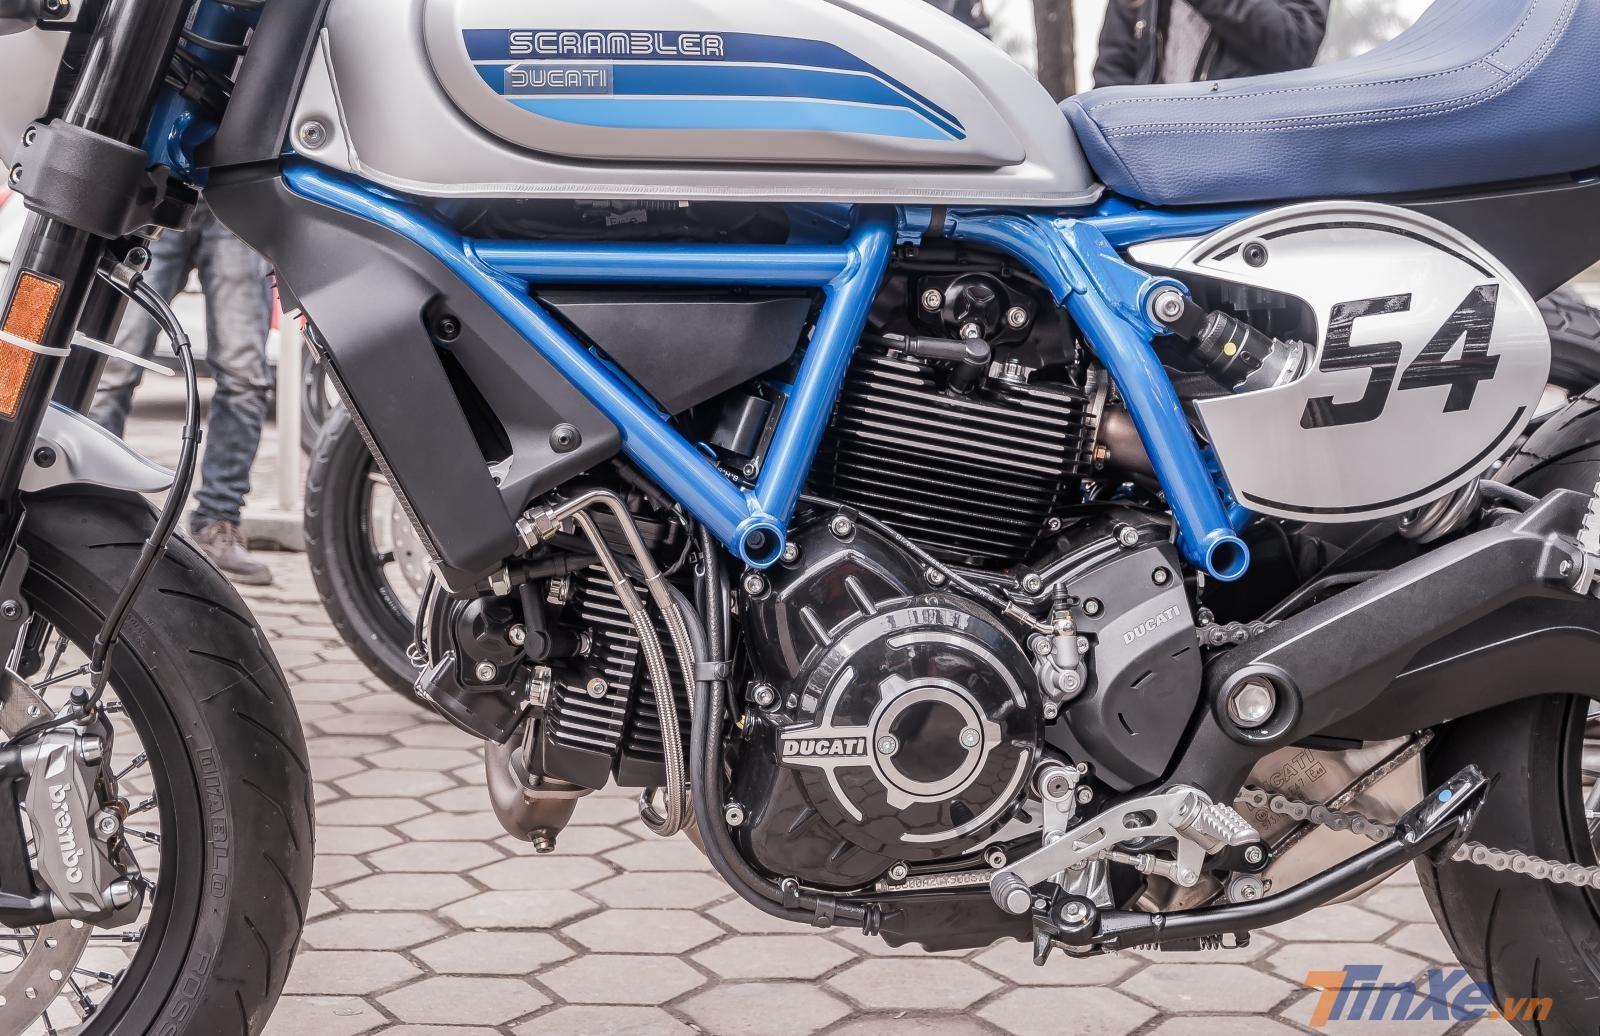 Khối động cơ 803cc trên Ducati Scrambler Cafe 2019